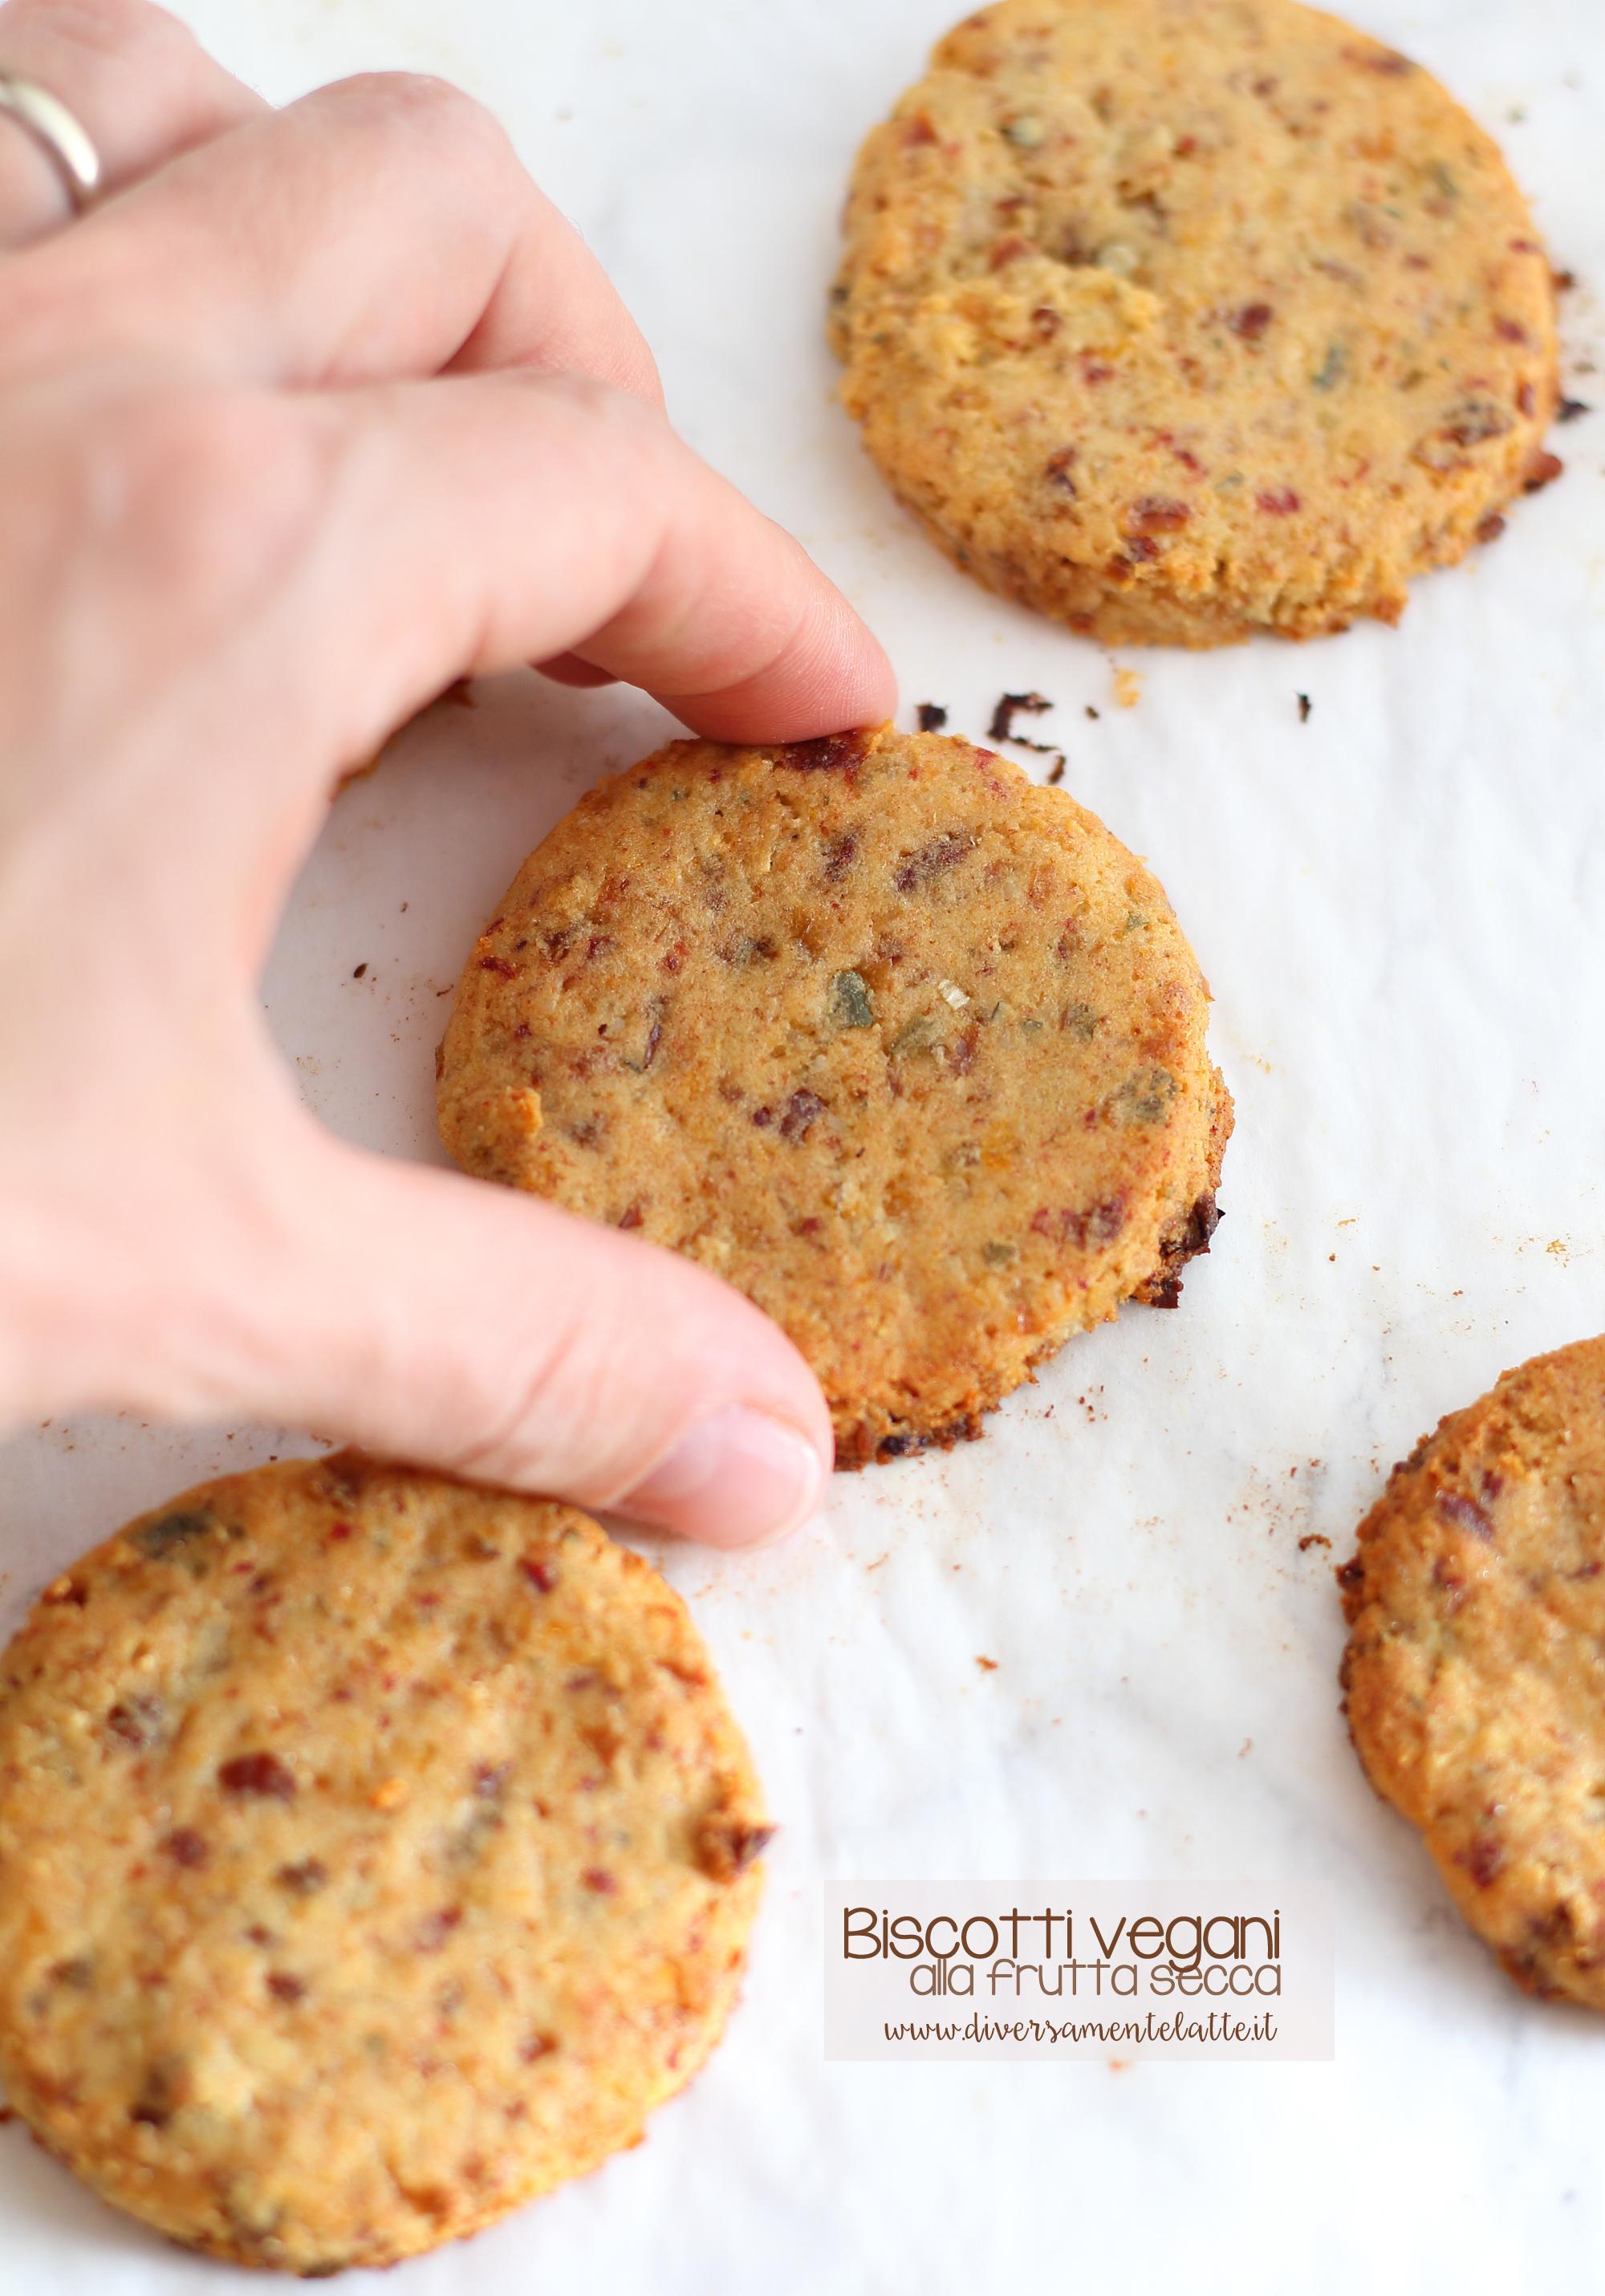 biscotti vegani frutta secca